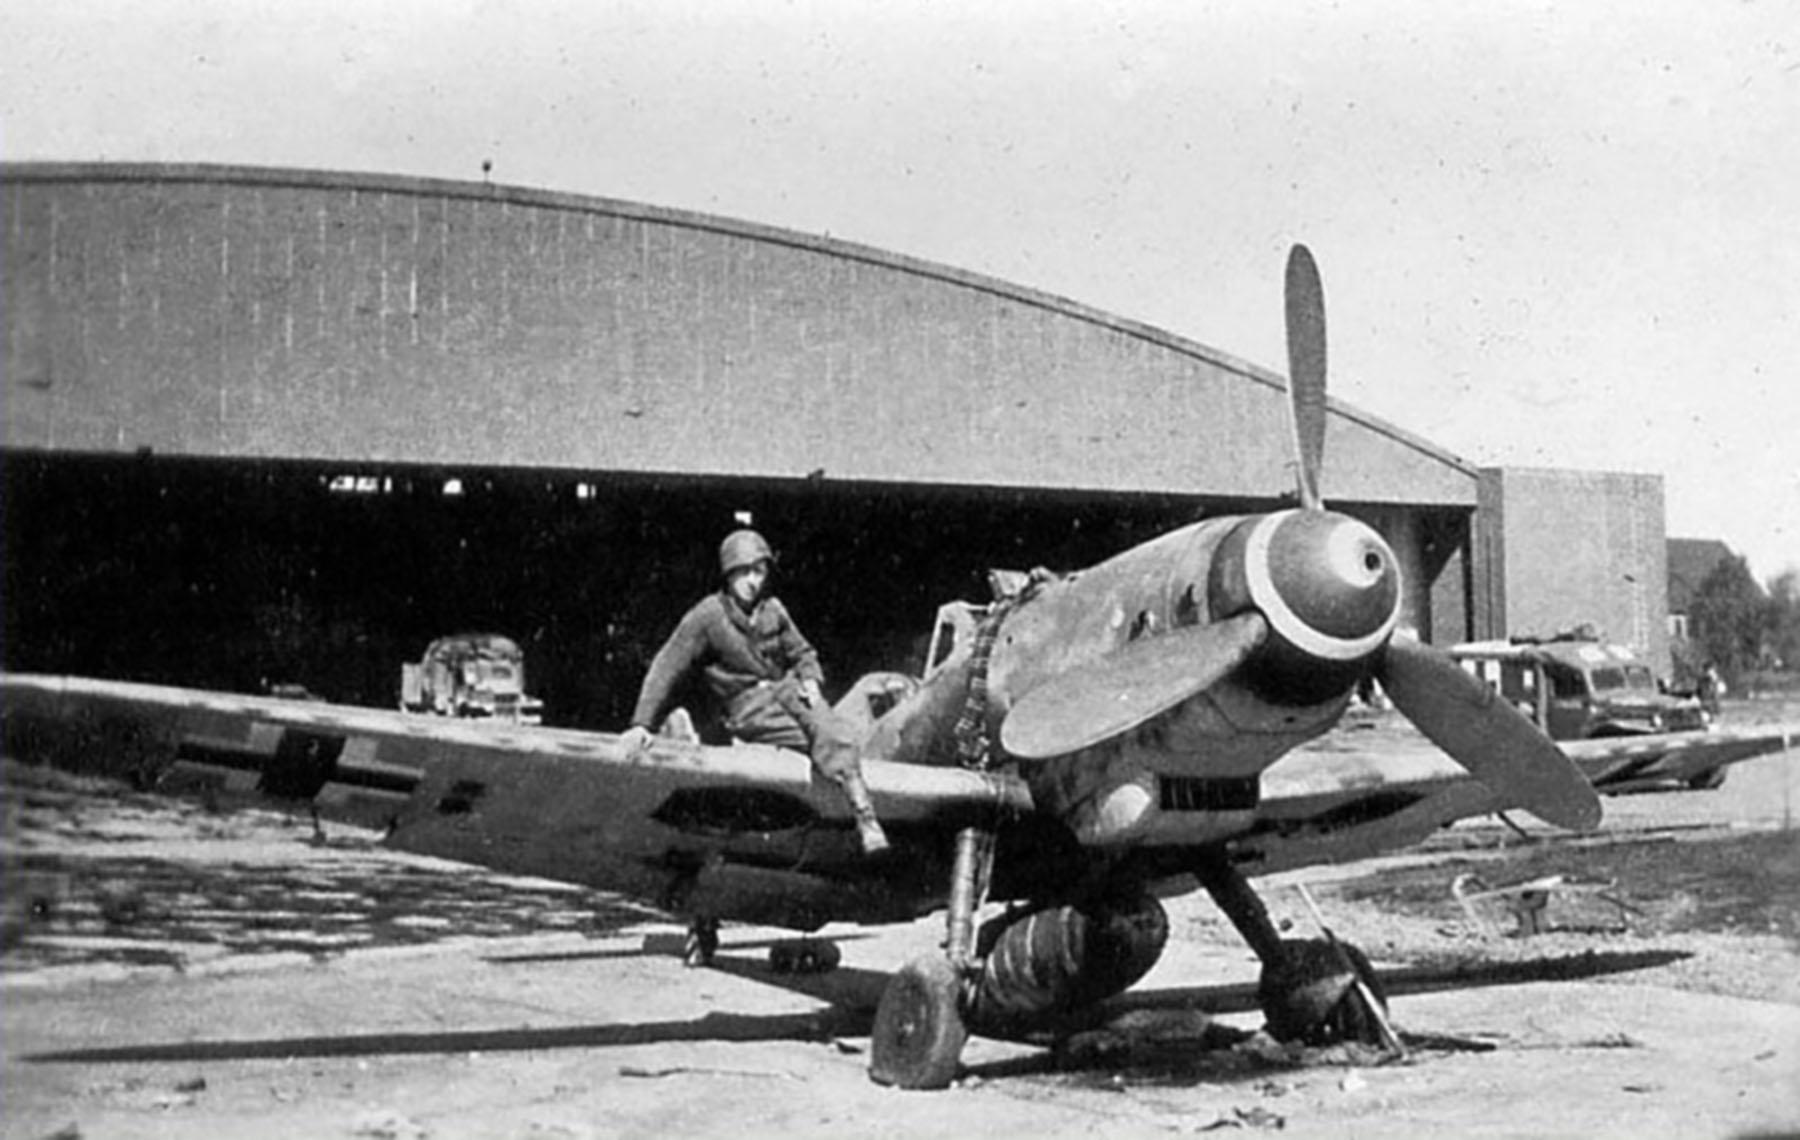 Messerschmitt Bf 109G10R3 Erla Reichsverteidigung White 66 WNr 770157 unknown unit and pilot 1945 01